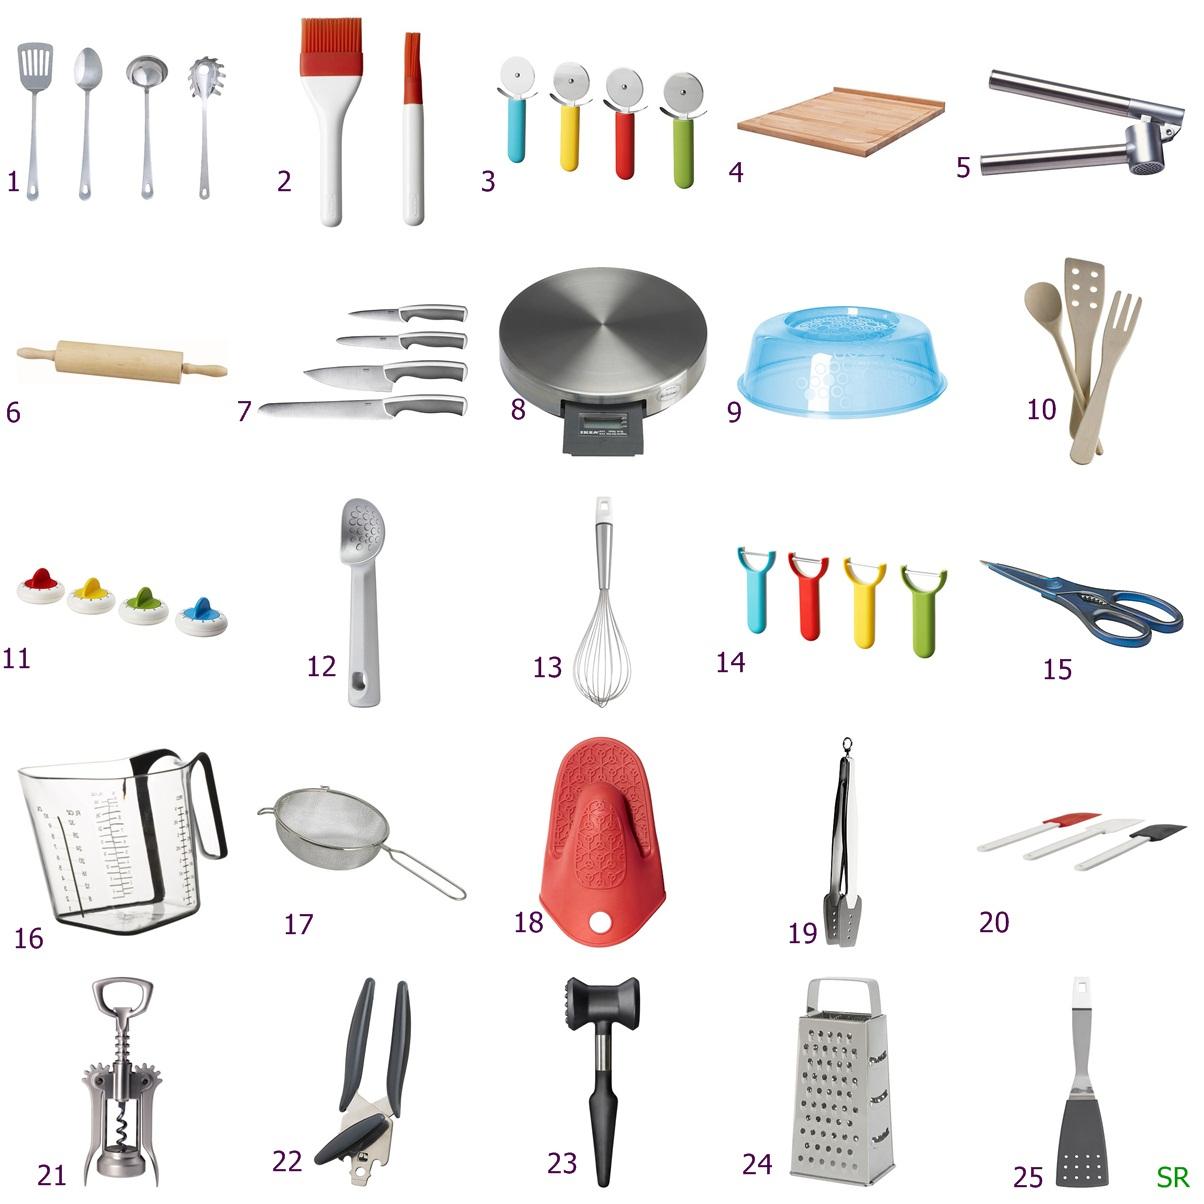 No conforto da minha cozinha utens lios de cozinha for Lista utensilios para bano